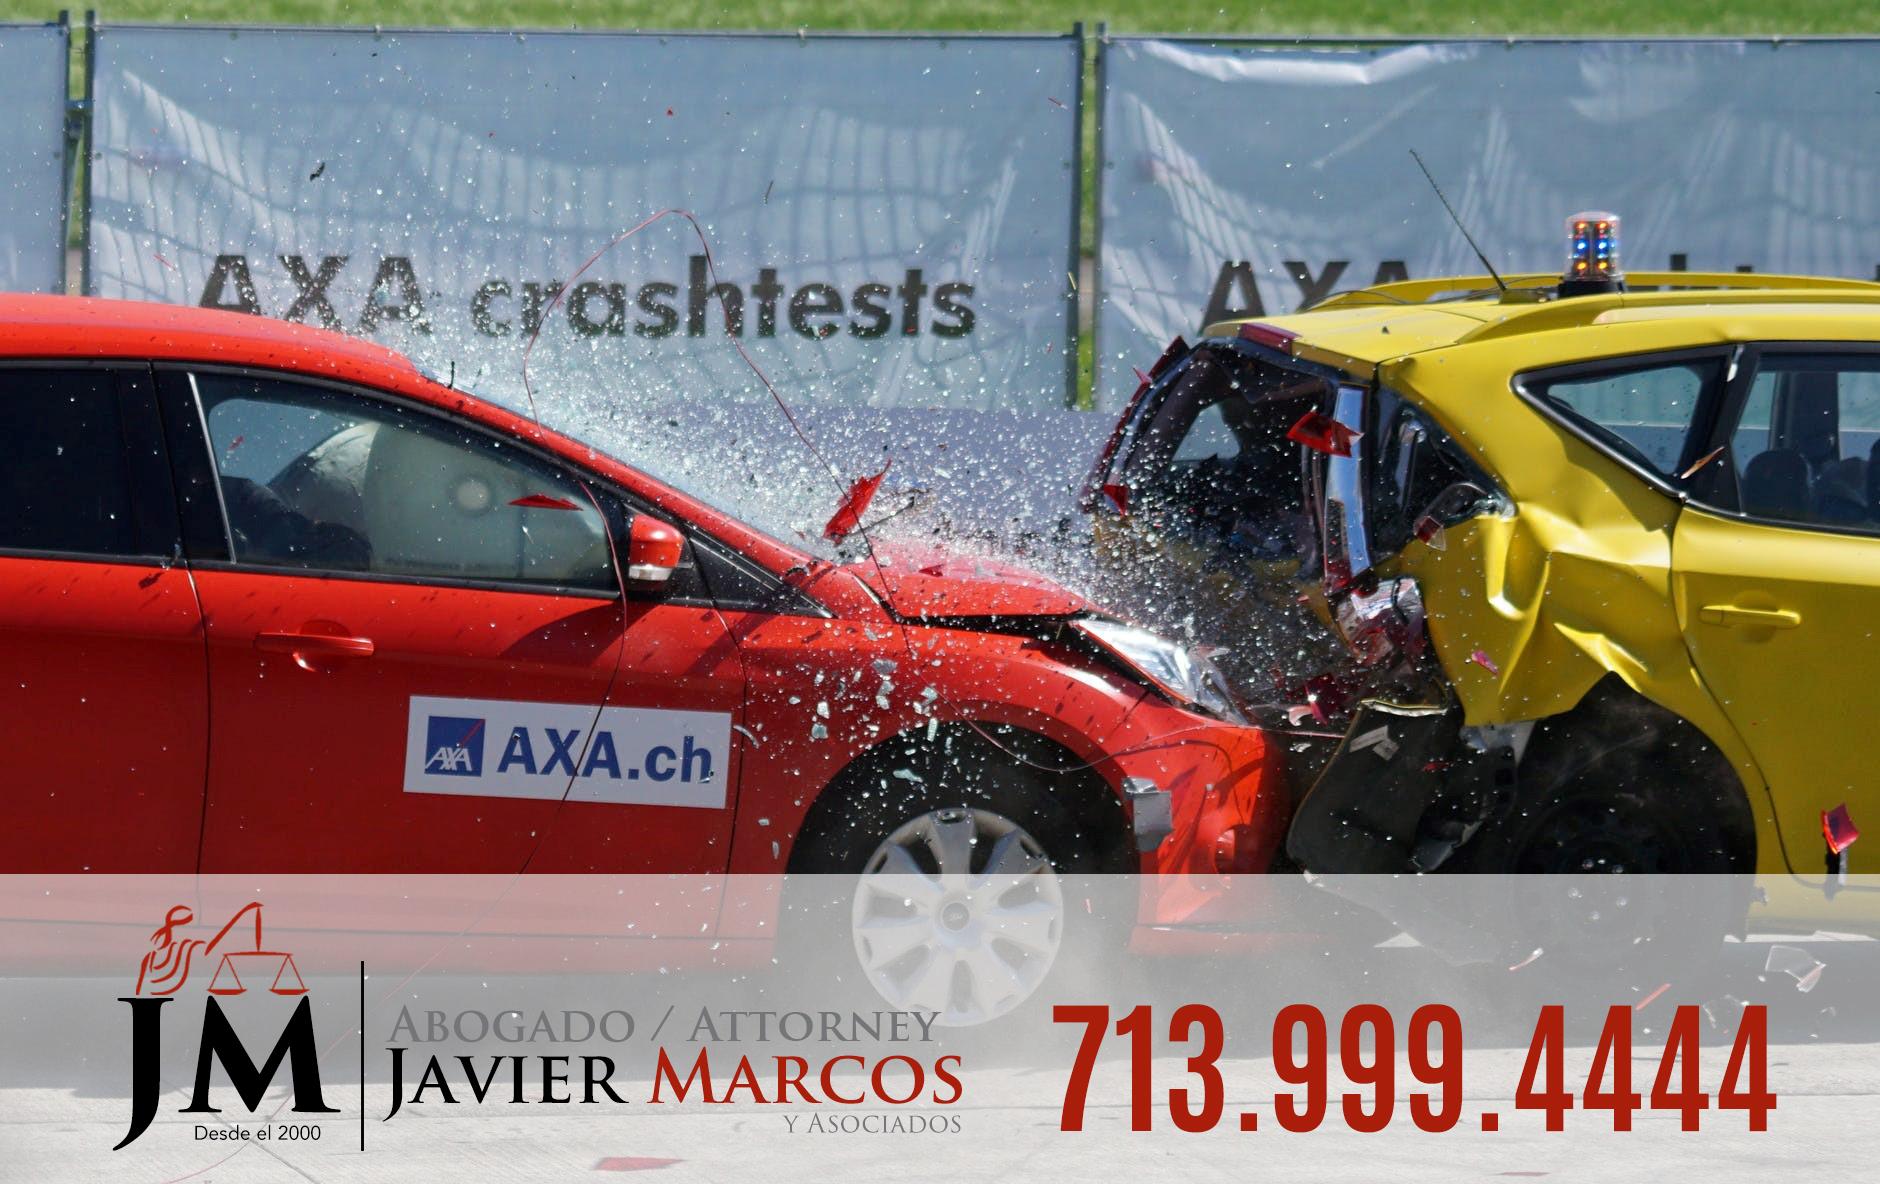 Accidente de trafico   Abogado Javier Marcos   713.999.4444